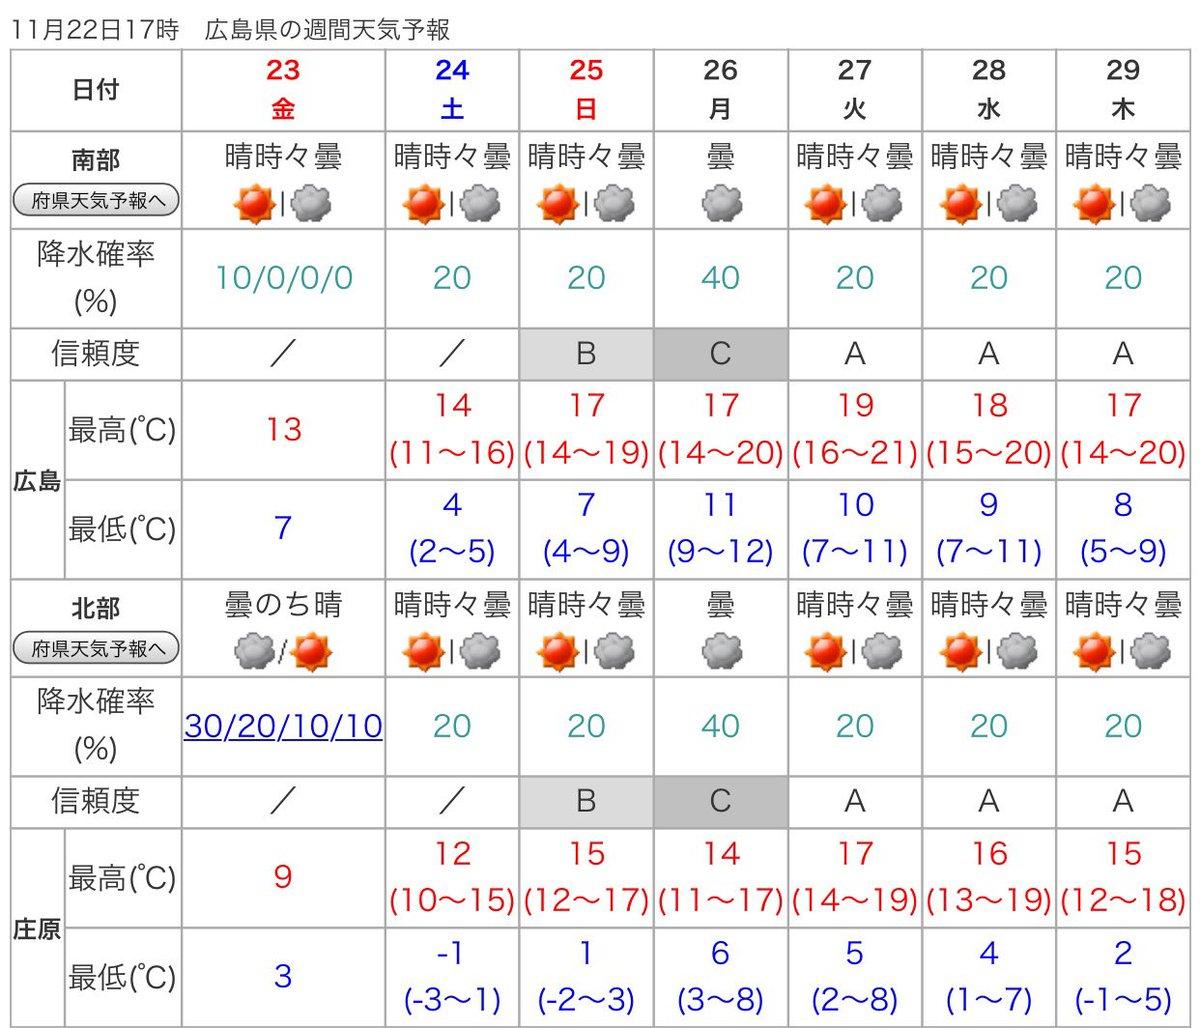 天気 東 広島